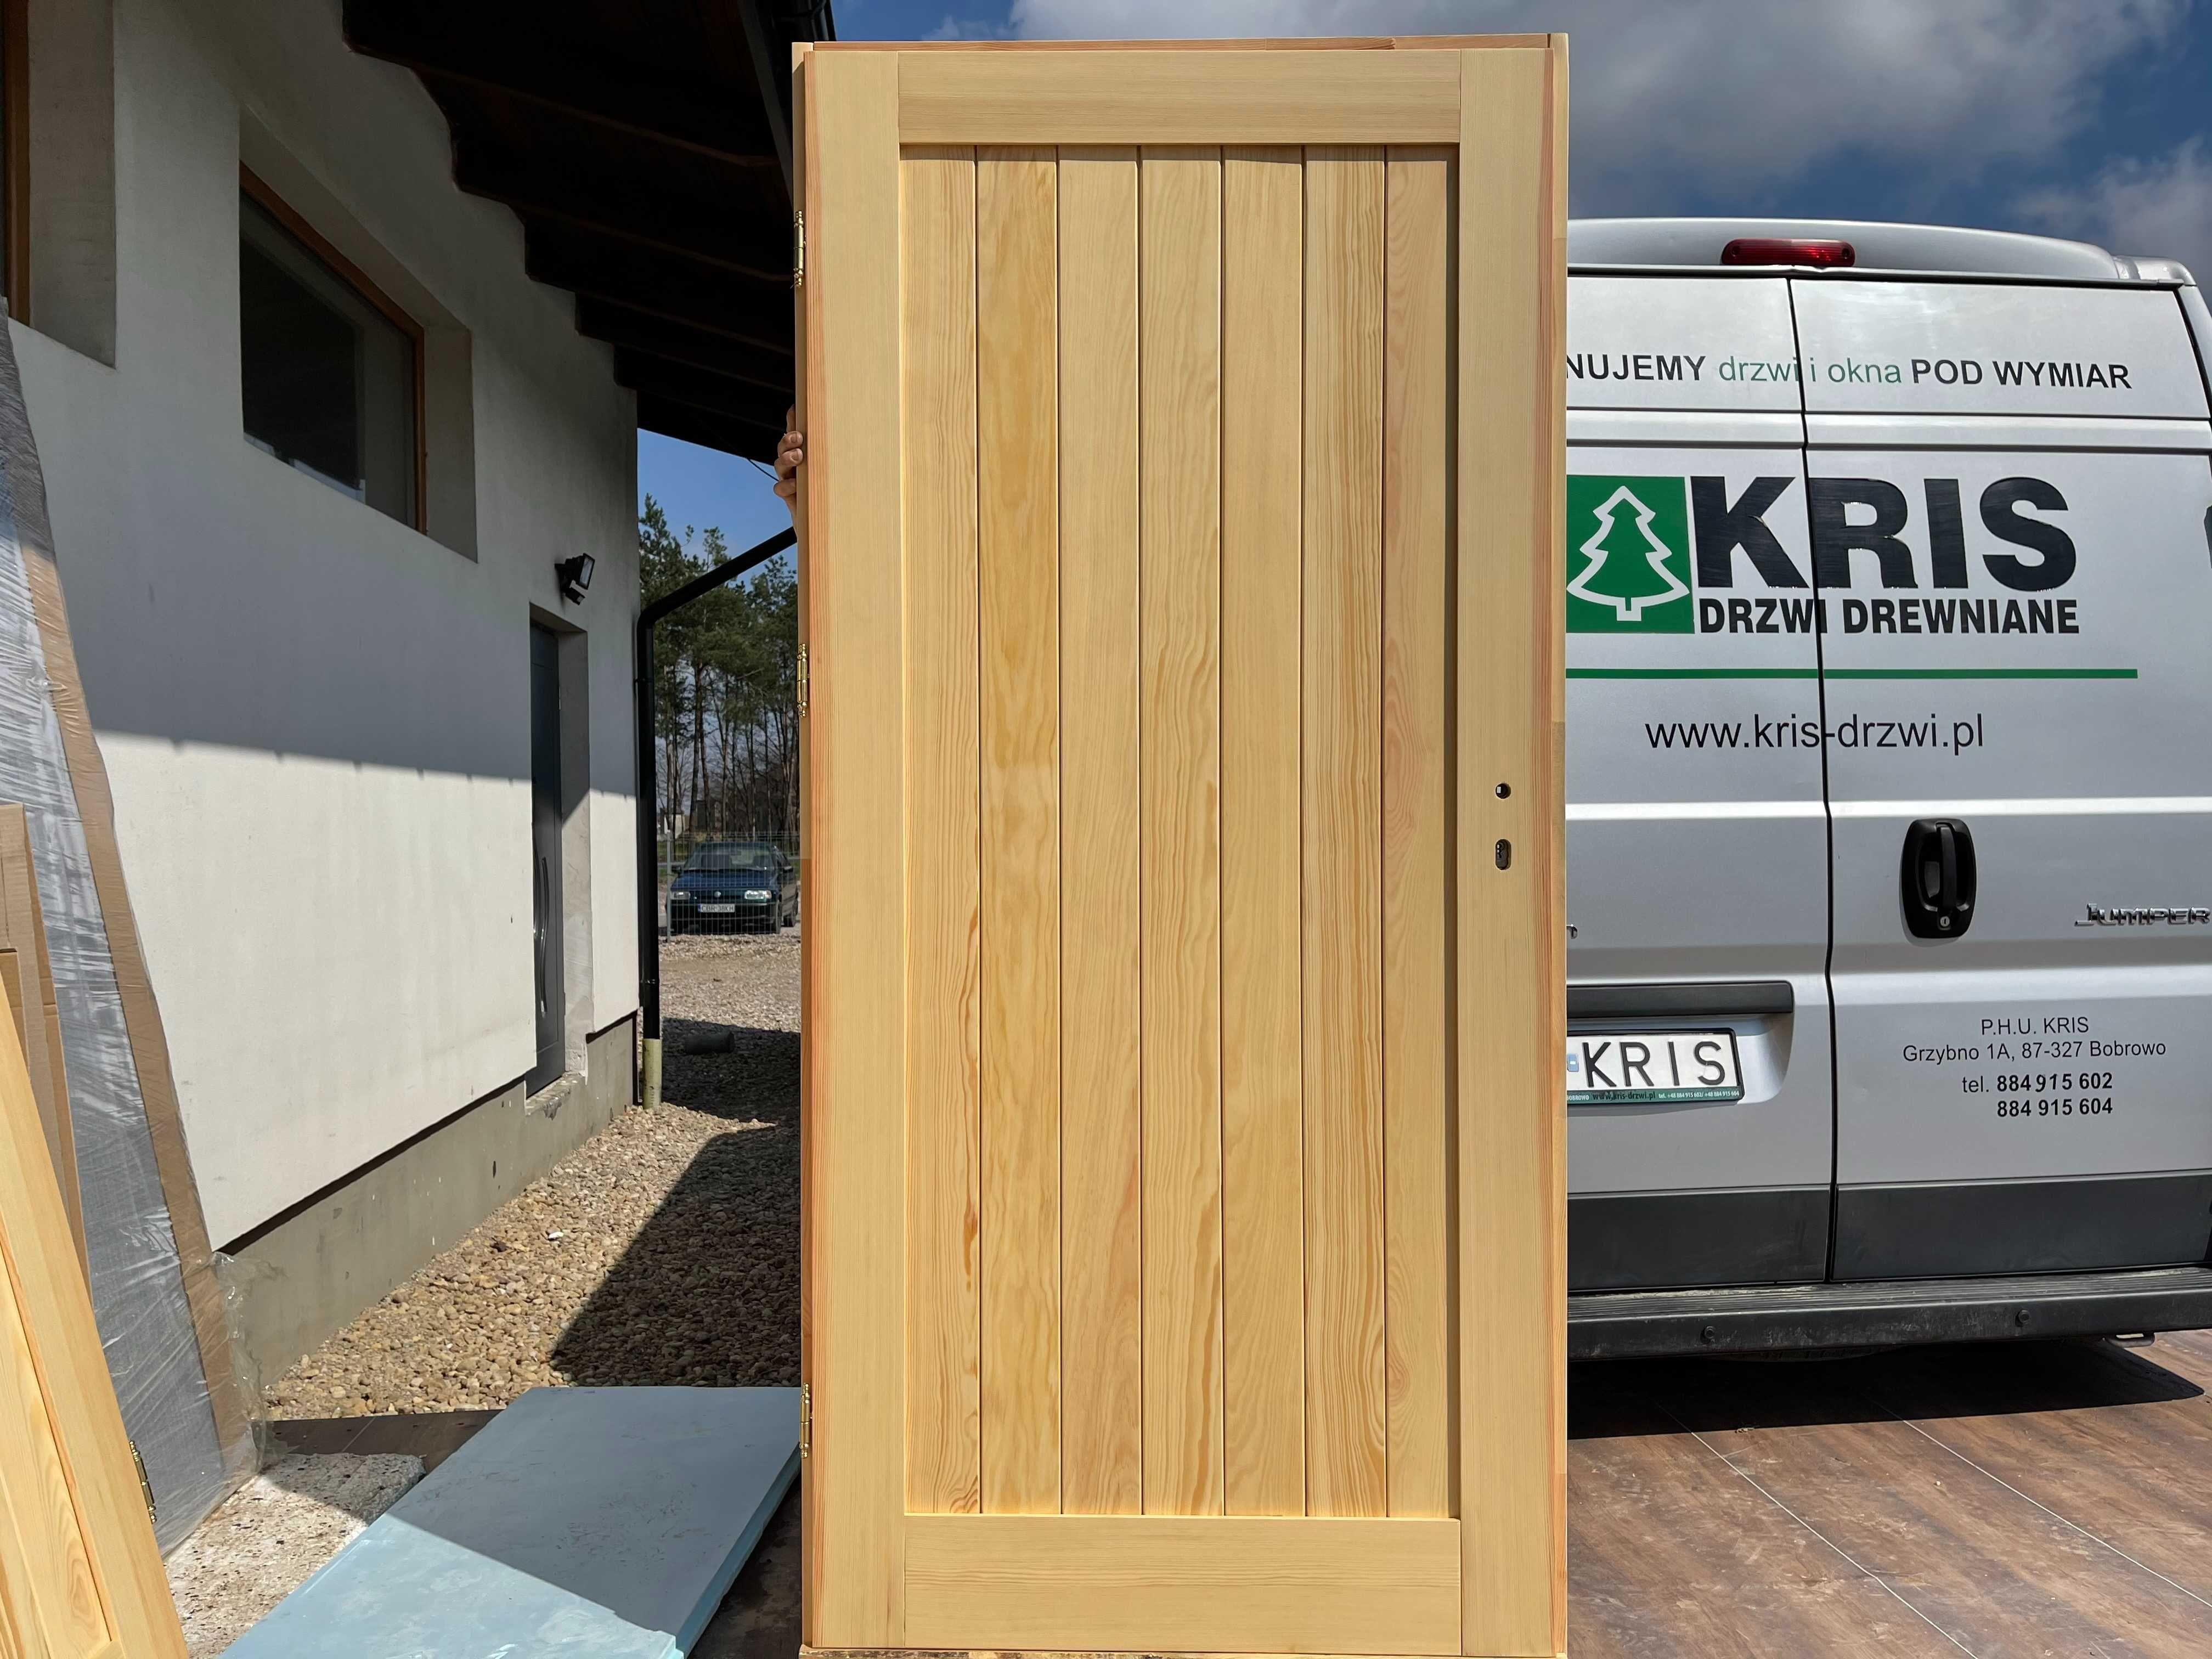 Drzwi drewniane sosonowe lakierowane z oscieżnicą OD RĘKI CAŁA POLSKA